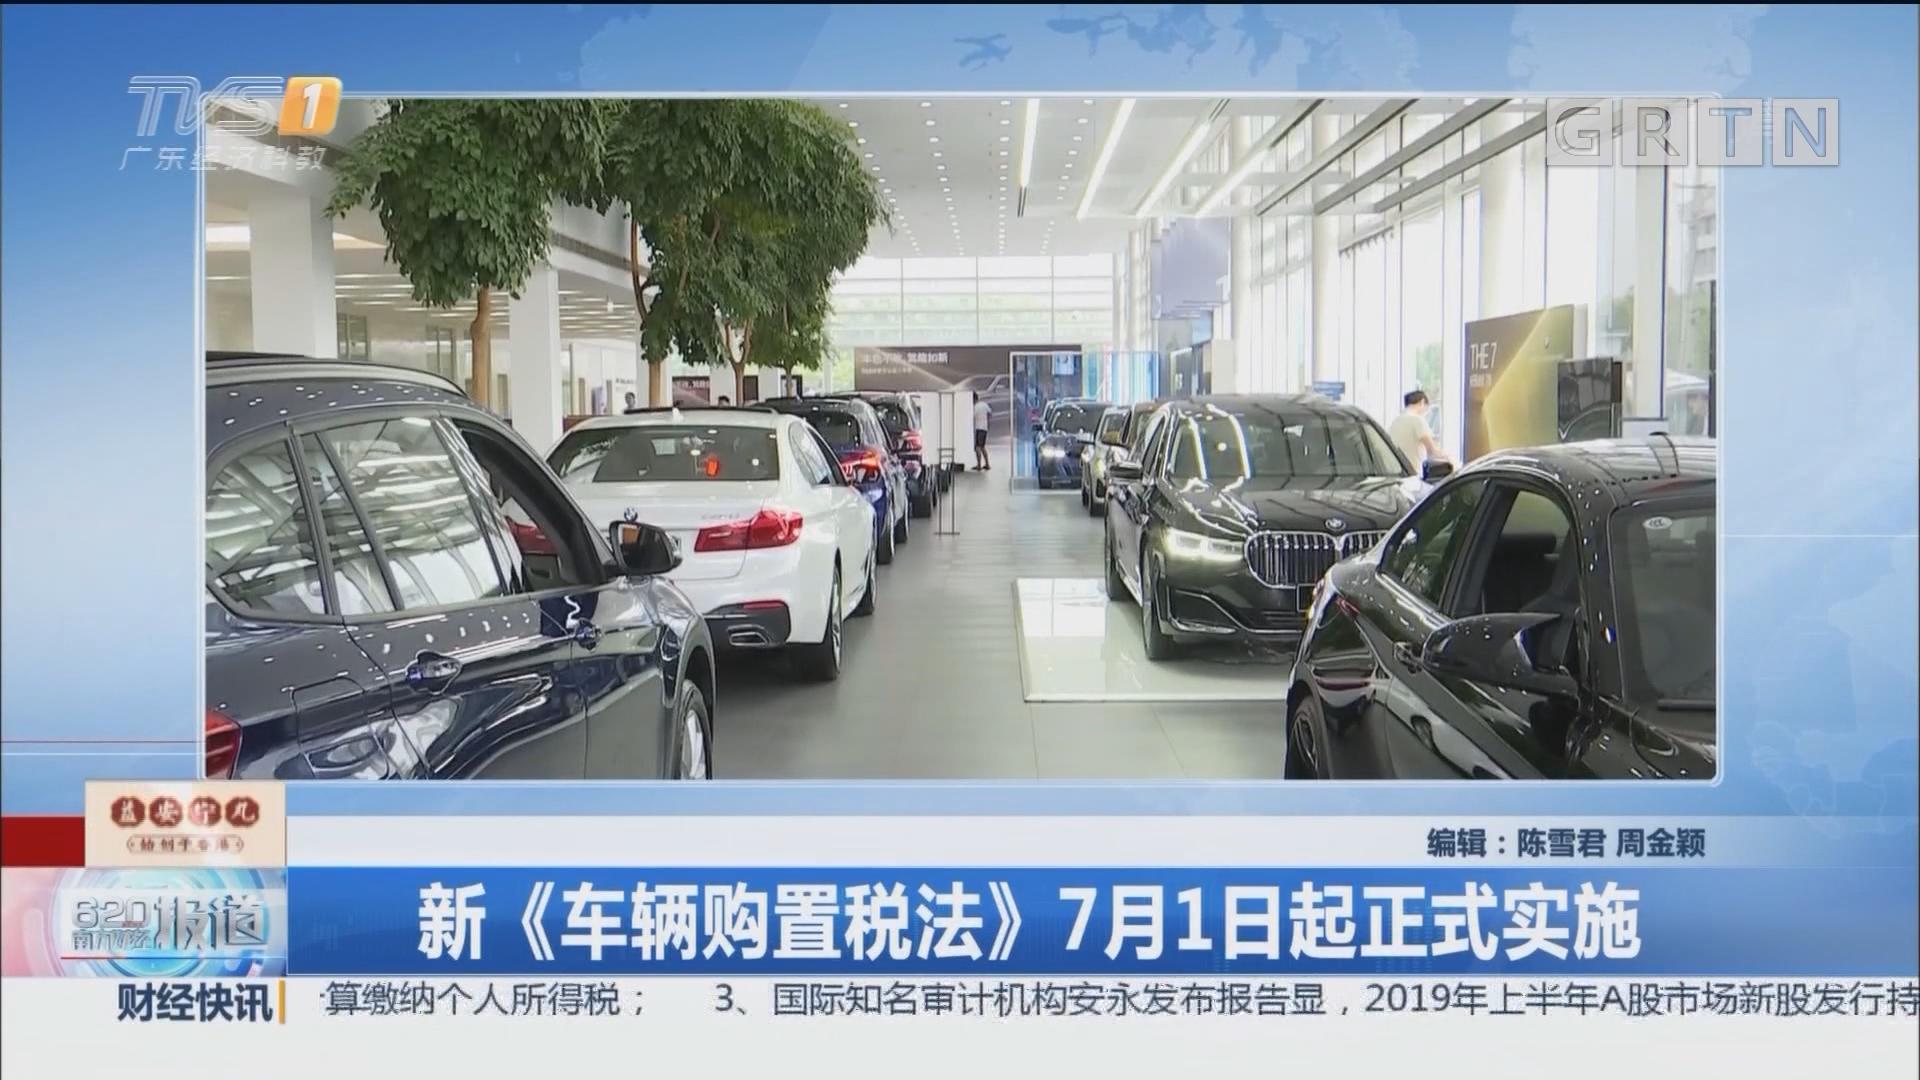 新《车辆购置税法》7月1日起正式实施